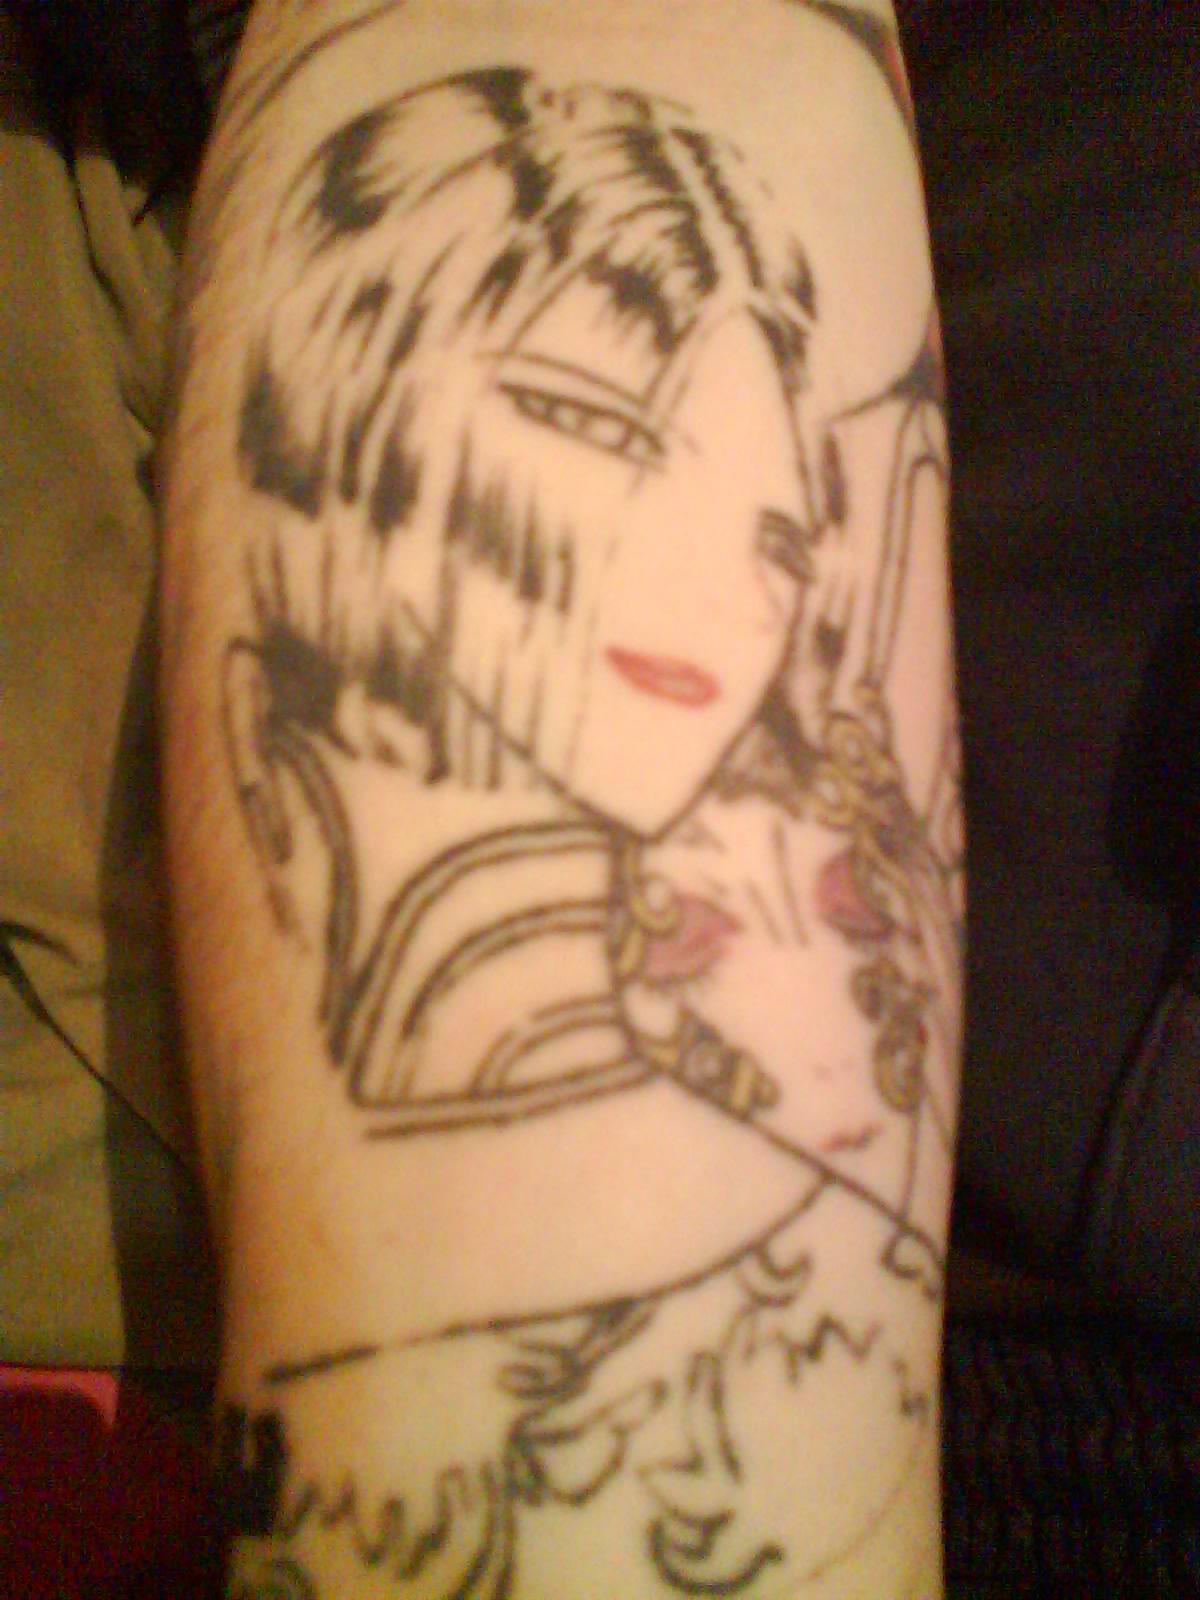 pinocchio tattoo - photo #8